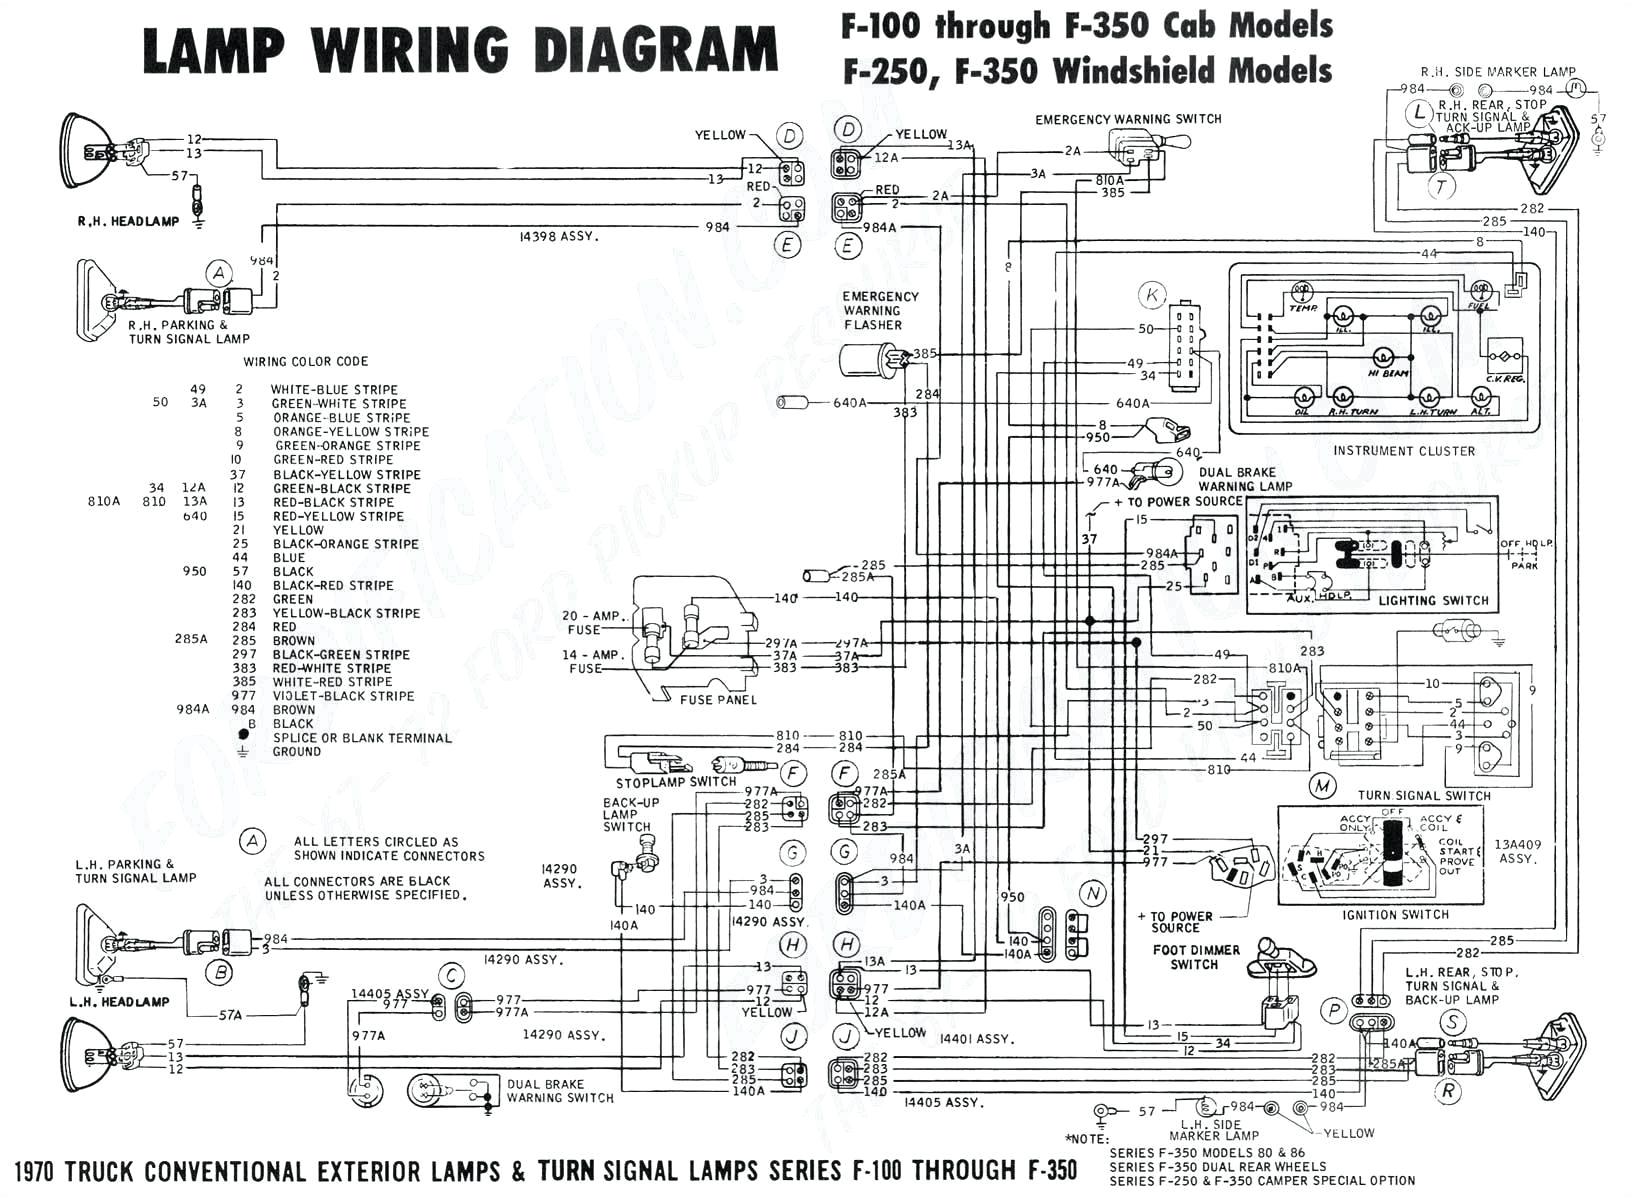 80 Series Landcruiser Wiring Diagram 80 Series Headlight Wiring Diagram Wiring Diagram Note